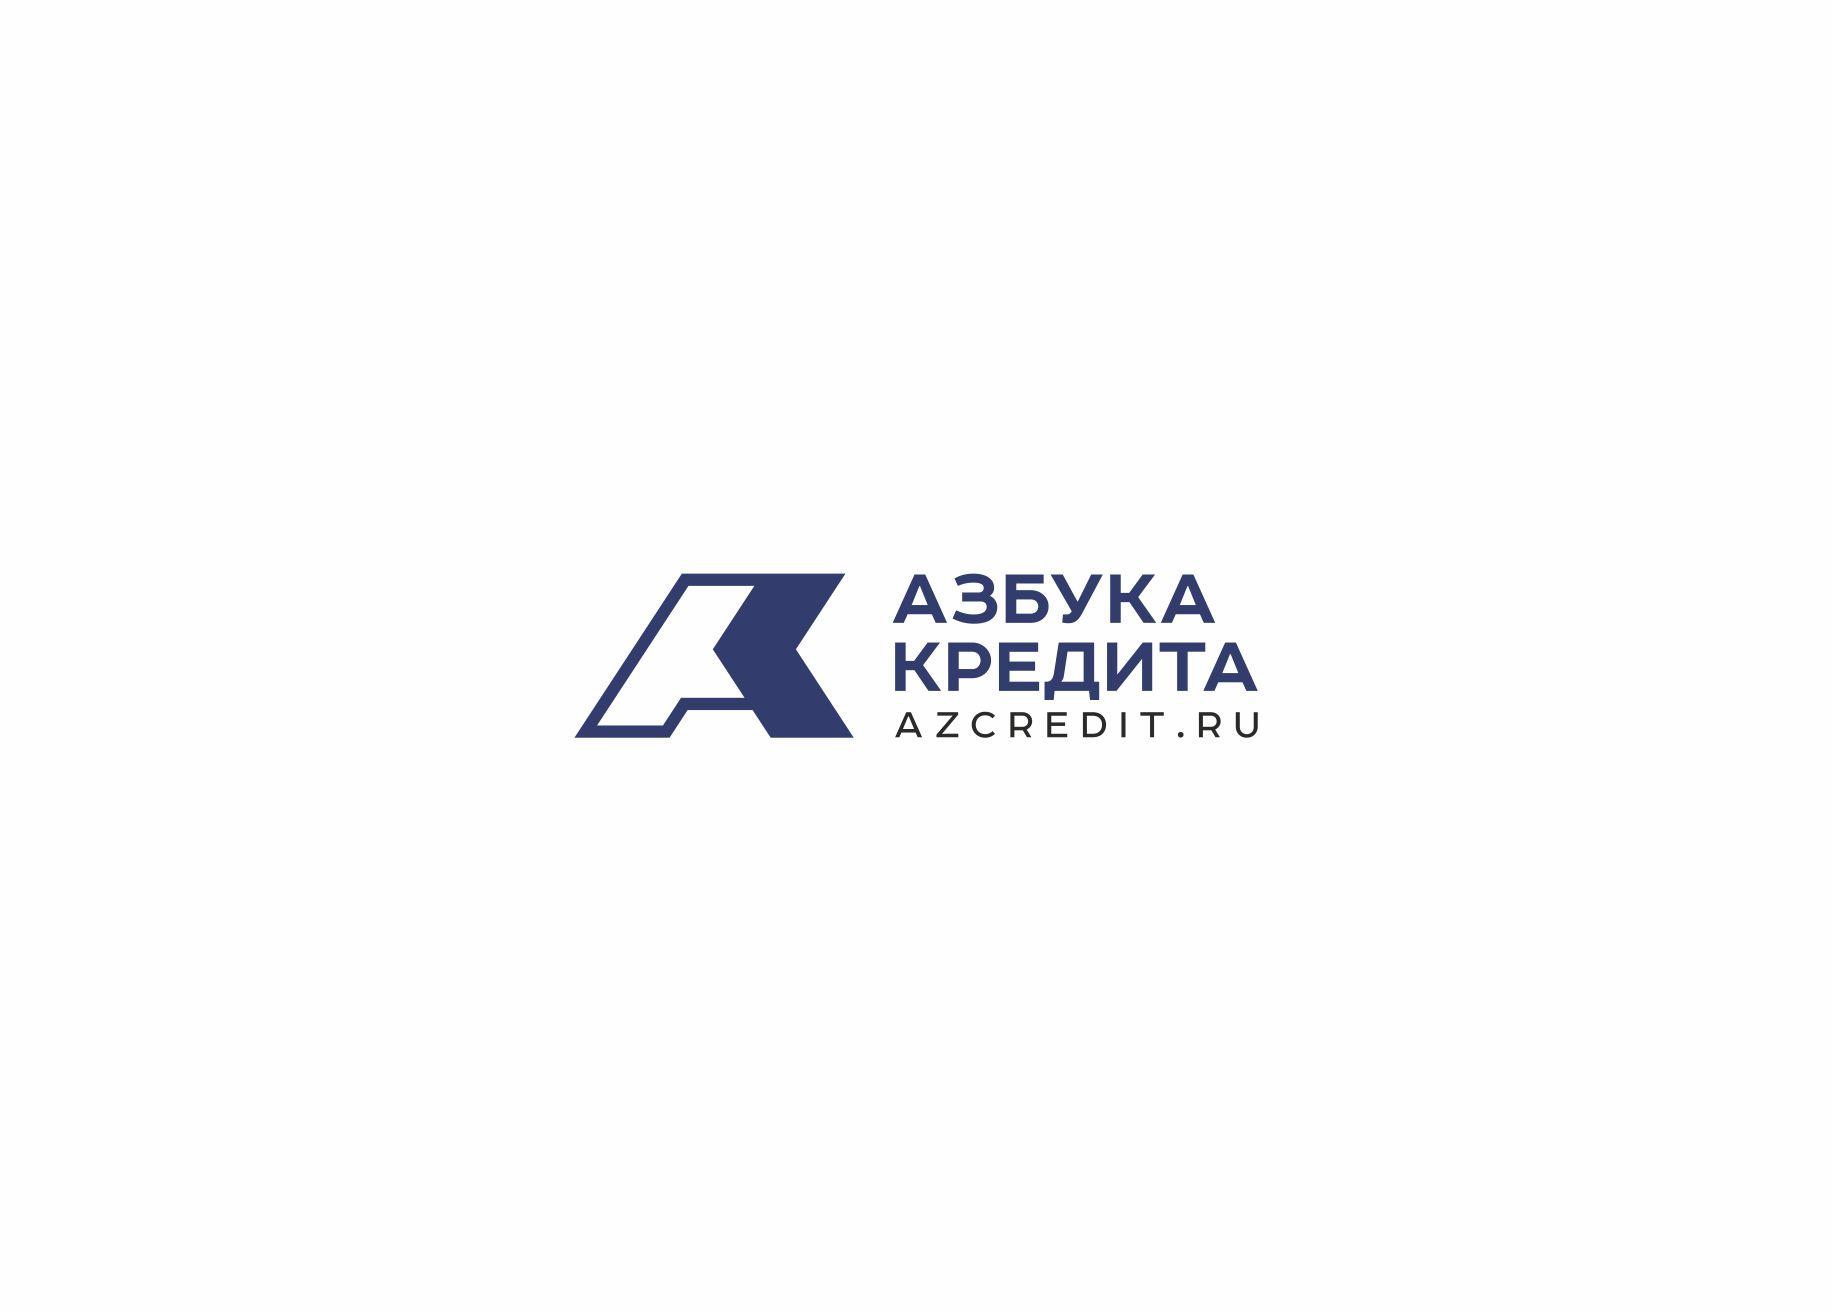 Разработать логотип для финансовой компании фото f_7745de3cfc1c5550.jpg